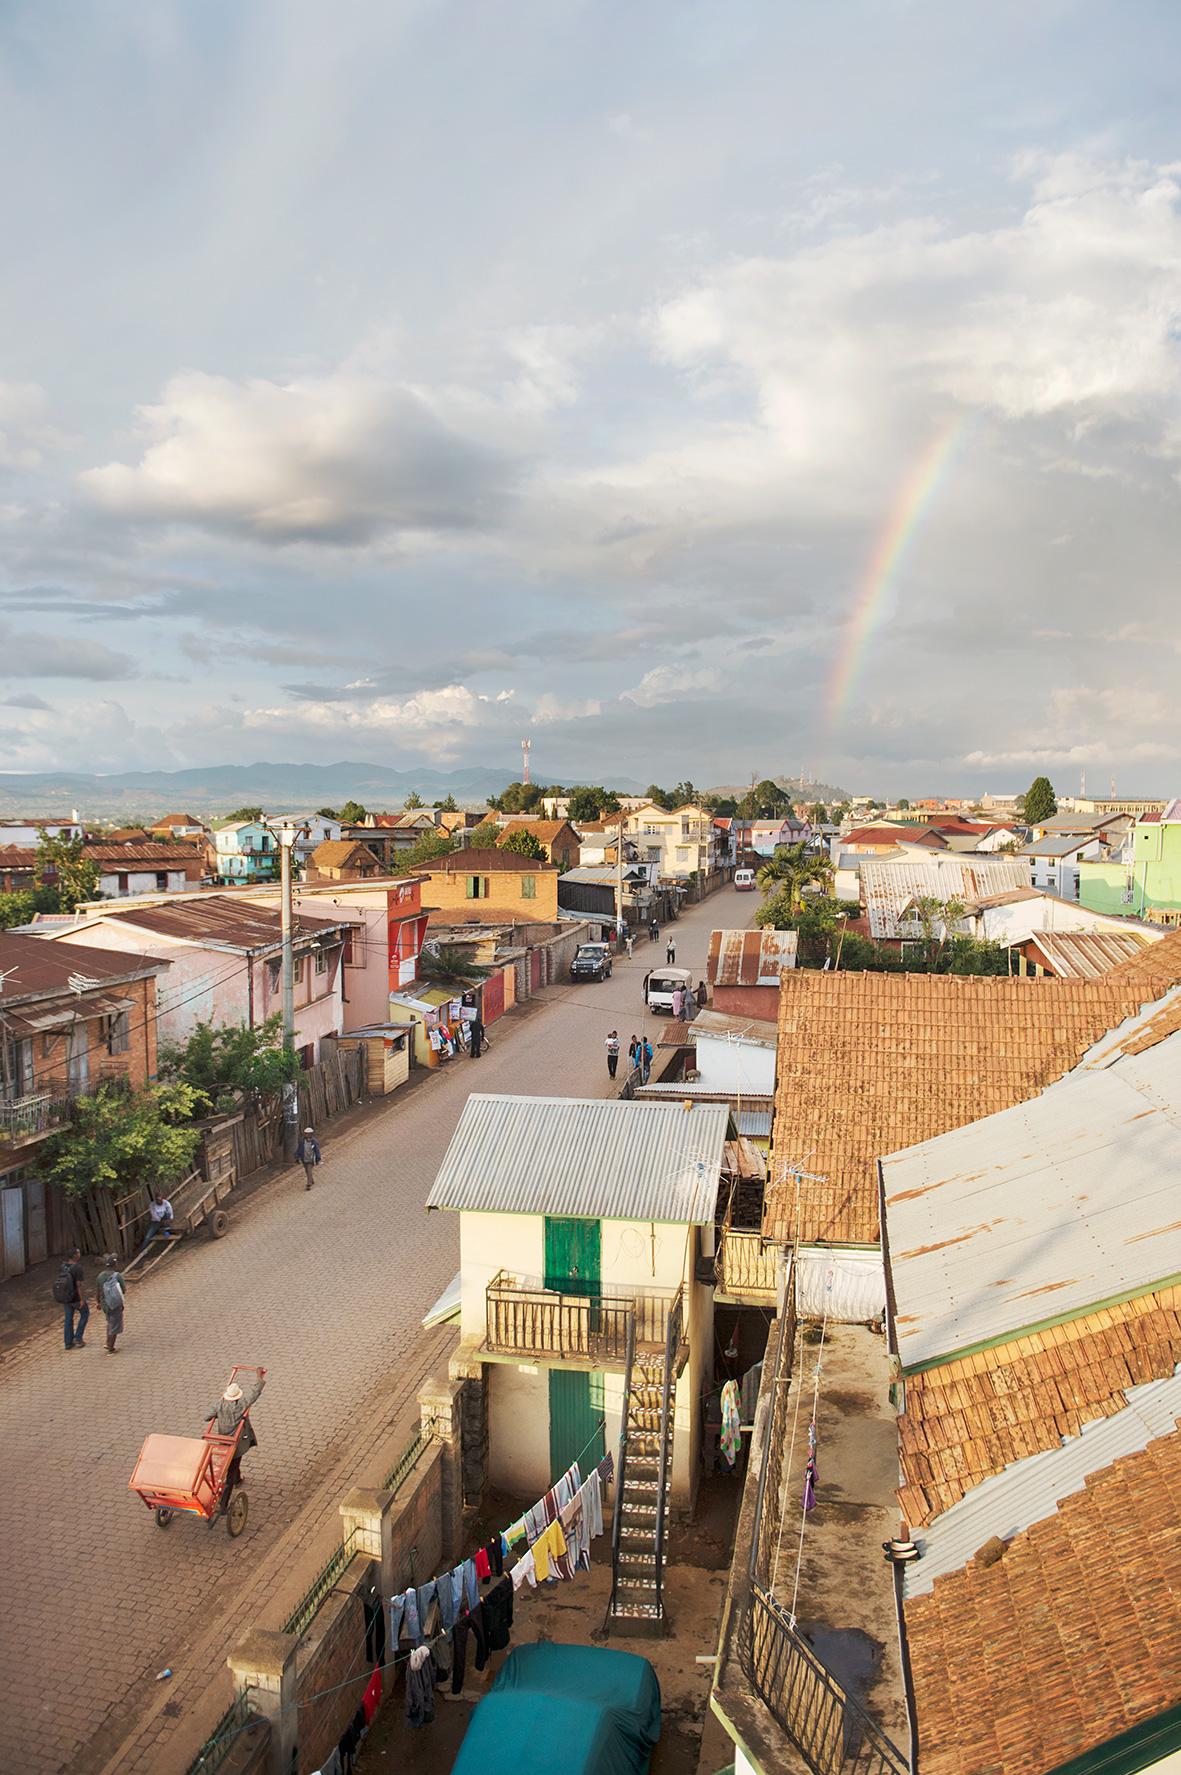 Regenbogen in Madagaskar, Bild aus Afrika erhältlich im Onlineshop